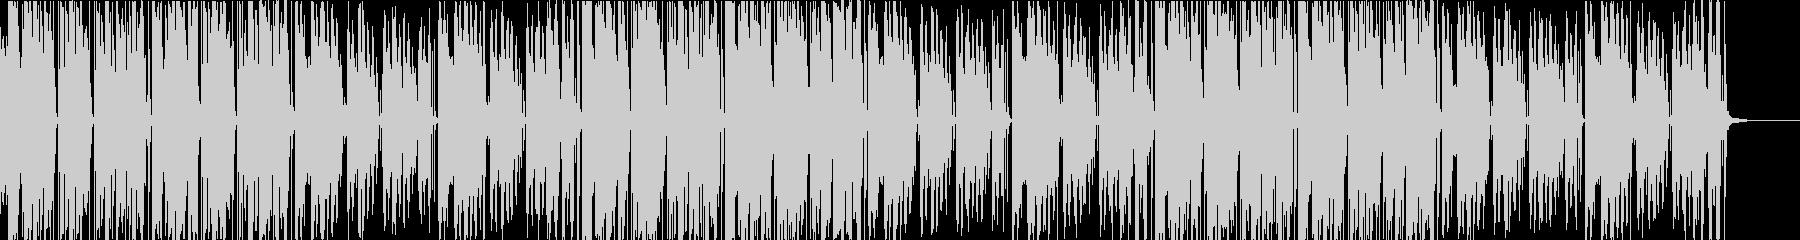 キラキラしたEDM、フューチャーベースの未再生の波形